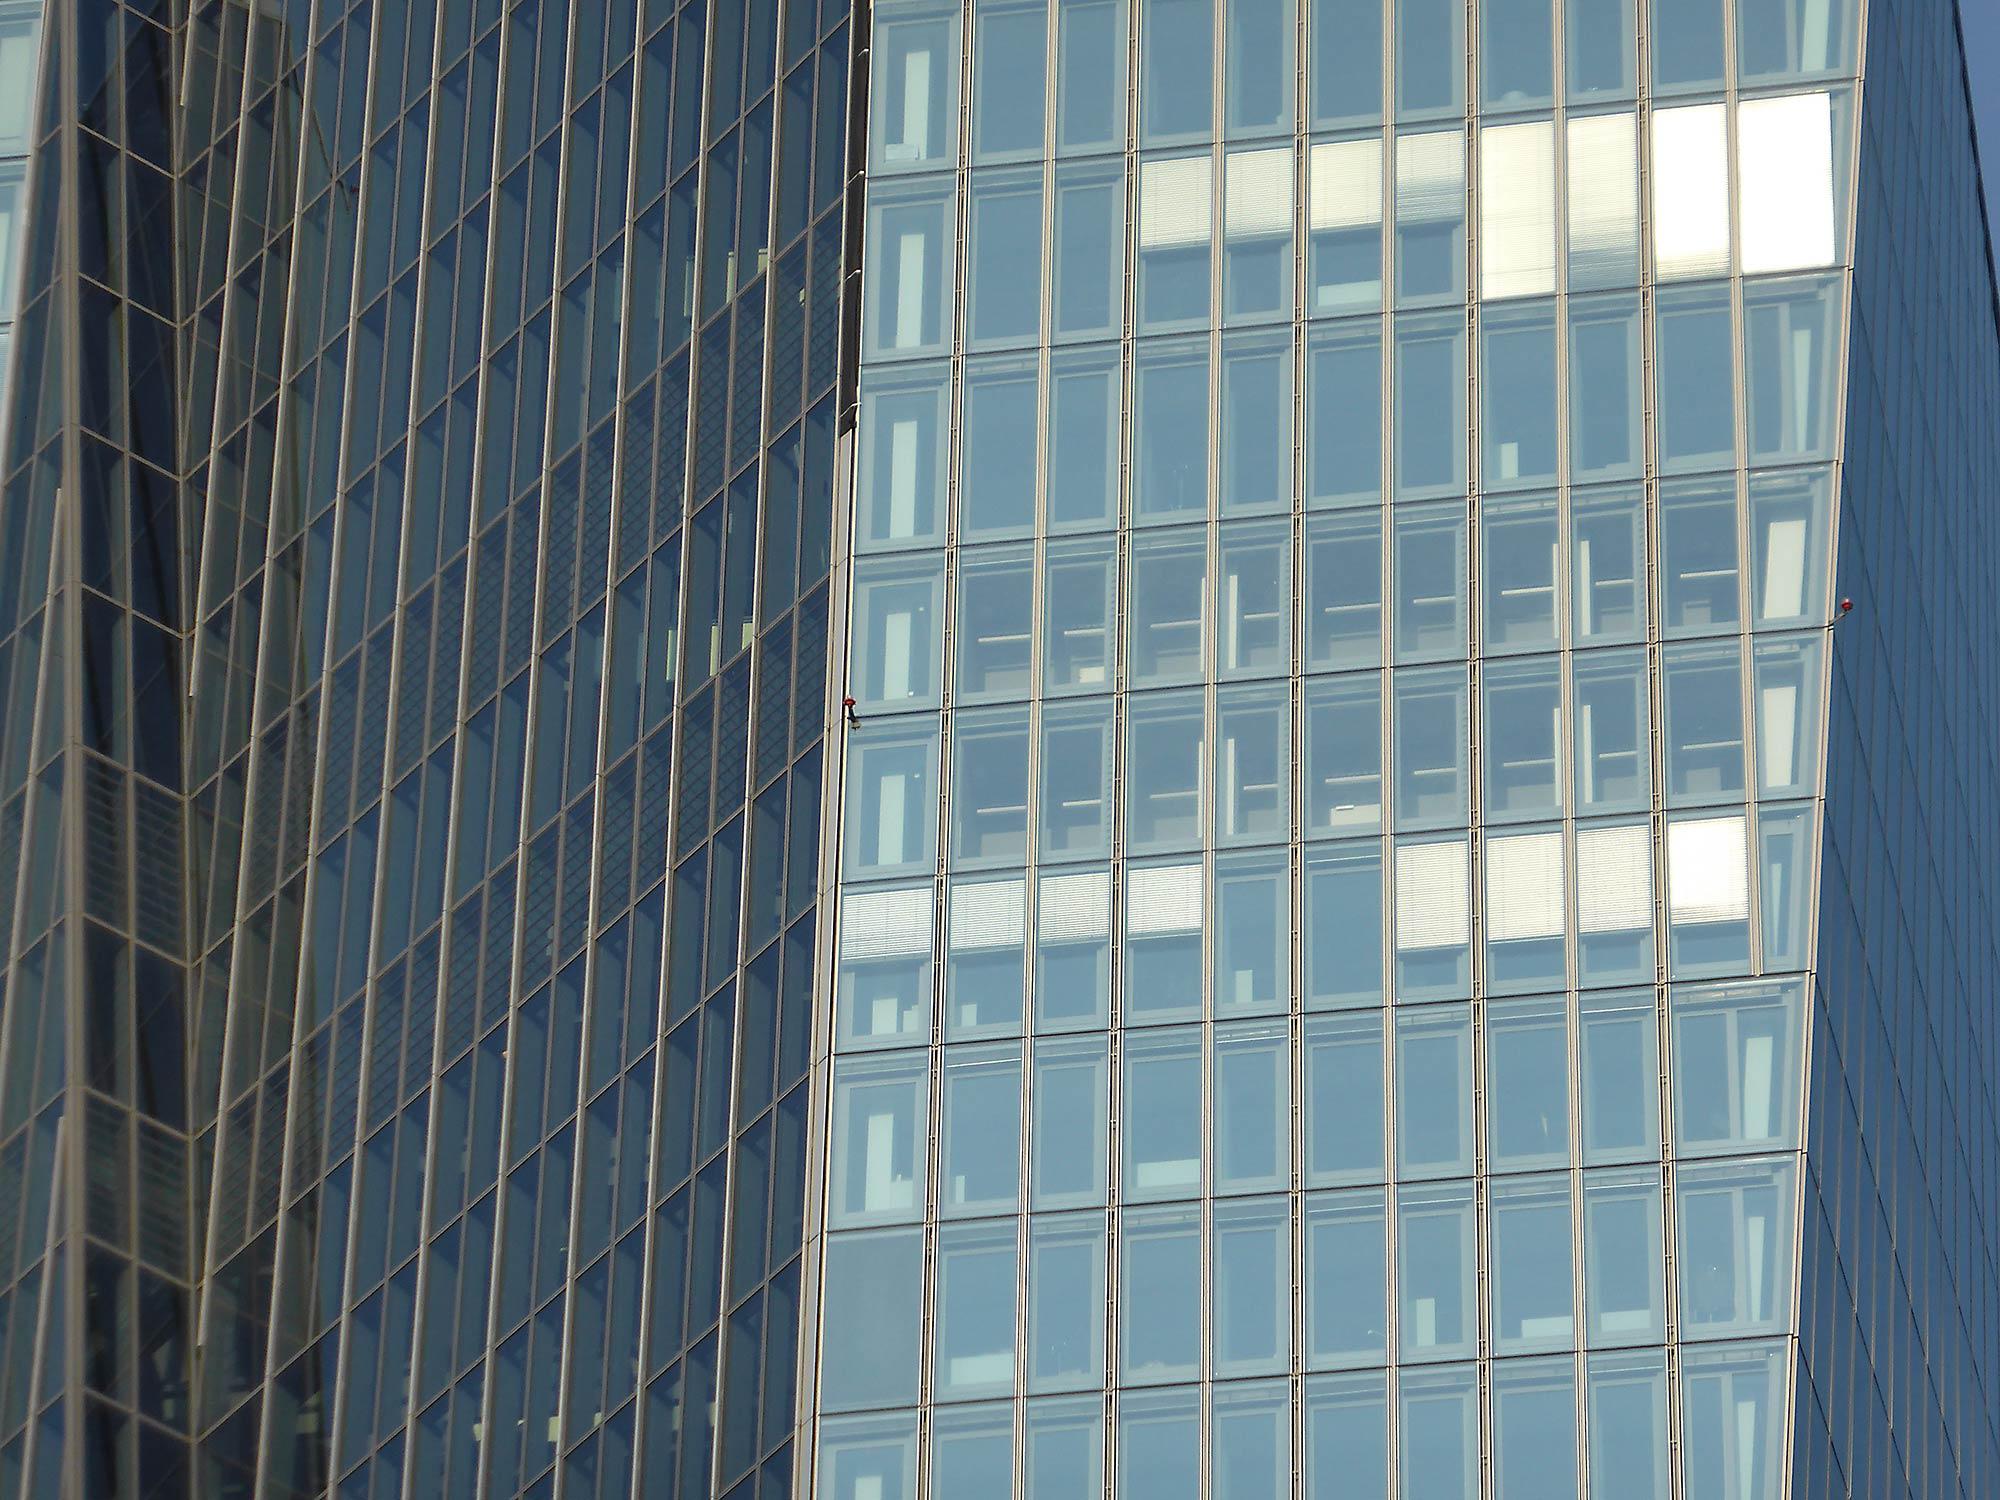 Frankfurt EZB-Sitz - Fassade Wolkenkratzer - Hochhausfassade der Europ. Zentralbank in FFM